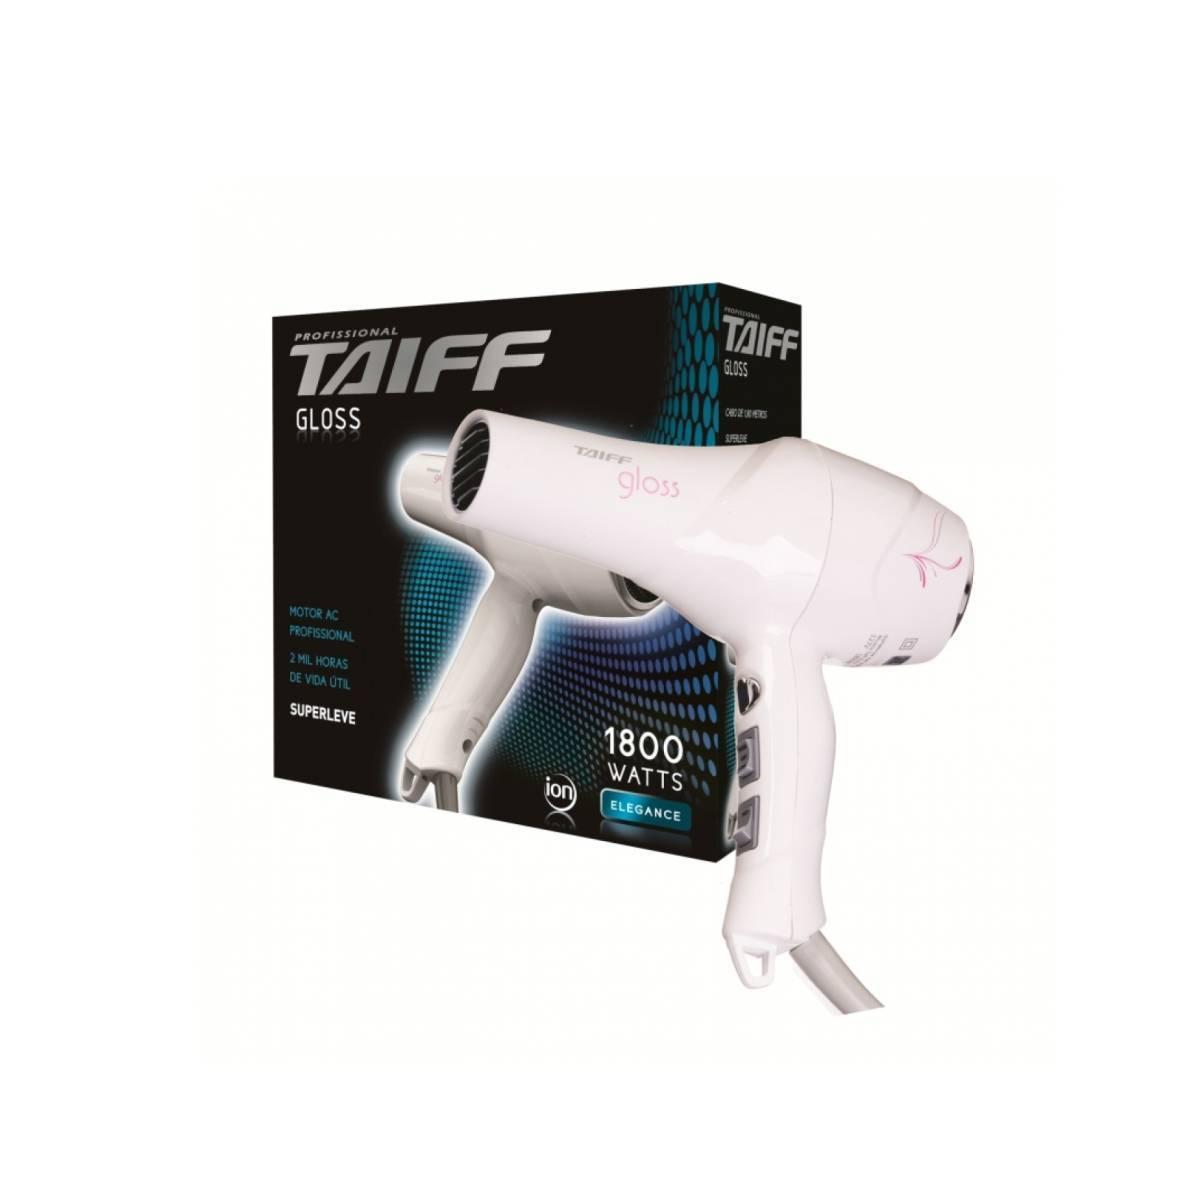 Secador de Cabelo Taiff Gloss 1800W